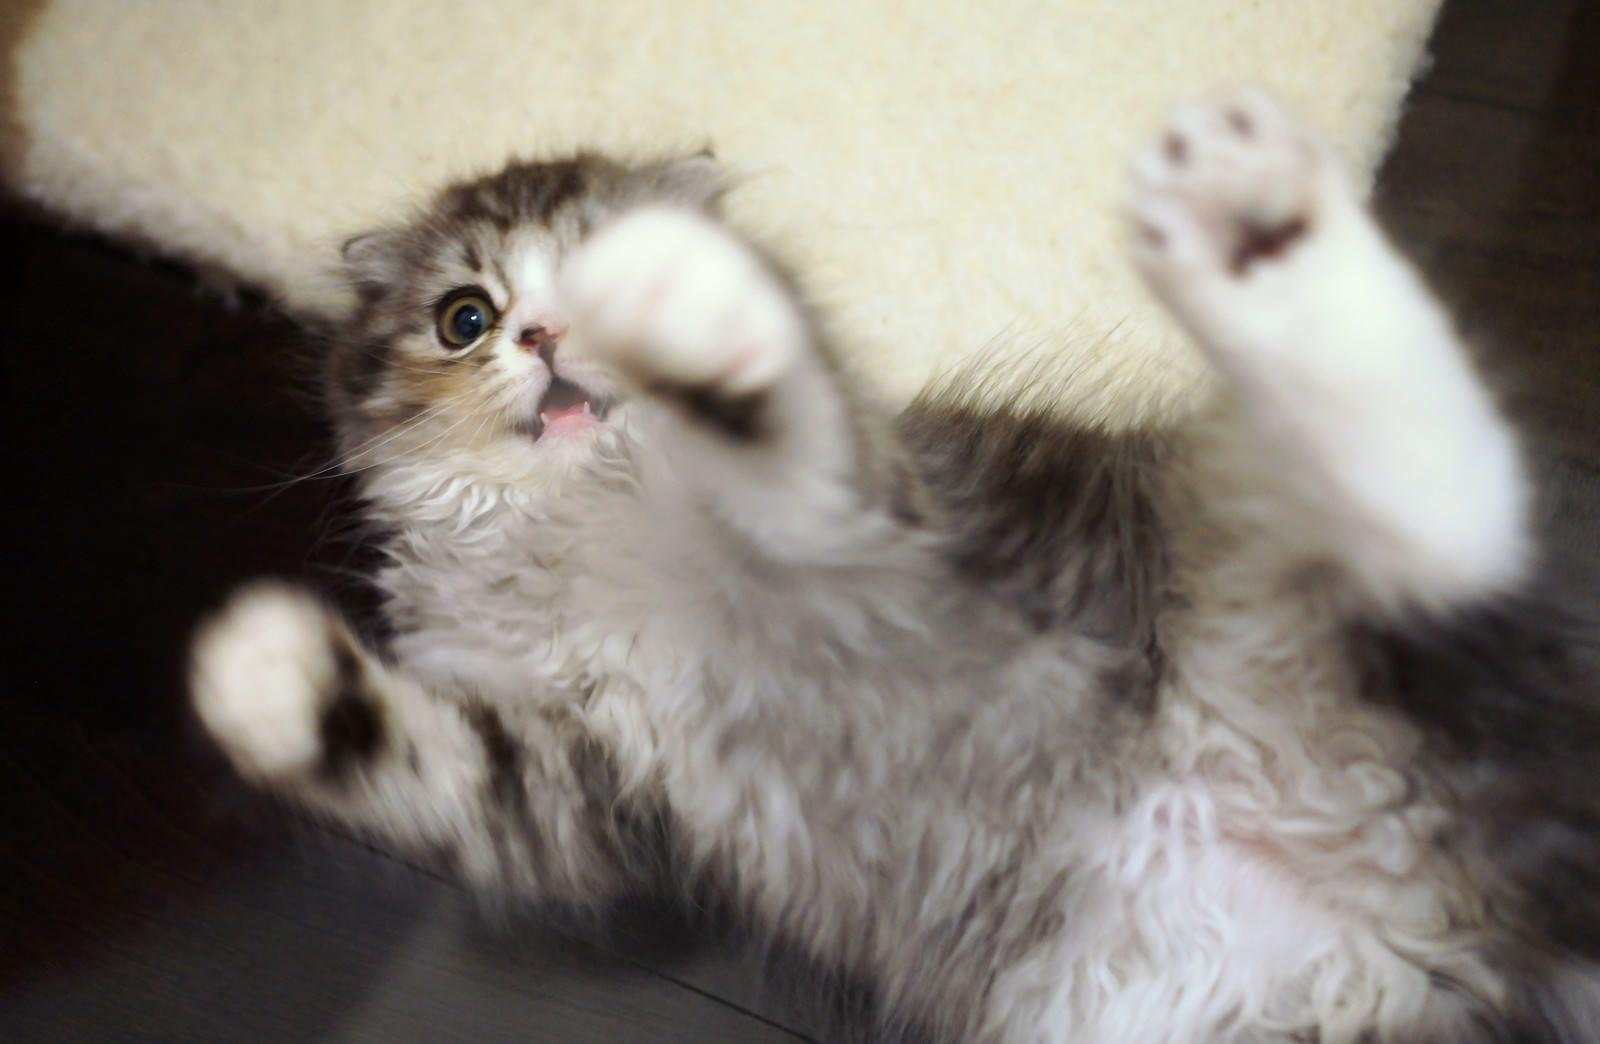 「寝ころびながらじゃれる猫寝ころびながらじゃれる猫」のフリー写真素材を拡大